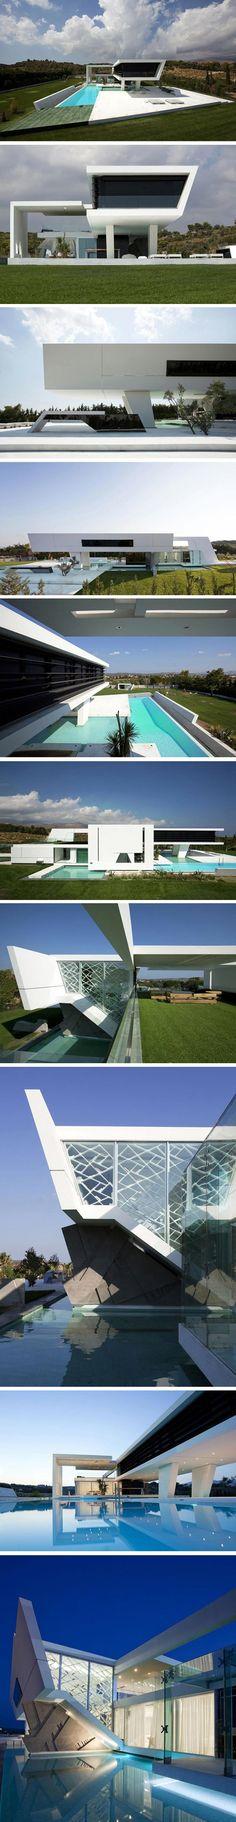 Maison surélevée à Athènes, Grèce Cette résidence futuriste suspendue sur de larges piliers, semble planer au-dessus de l'eau bleue de la piscine... Réalis